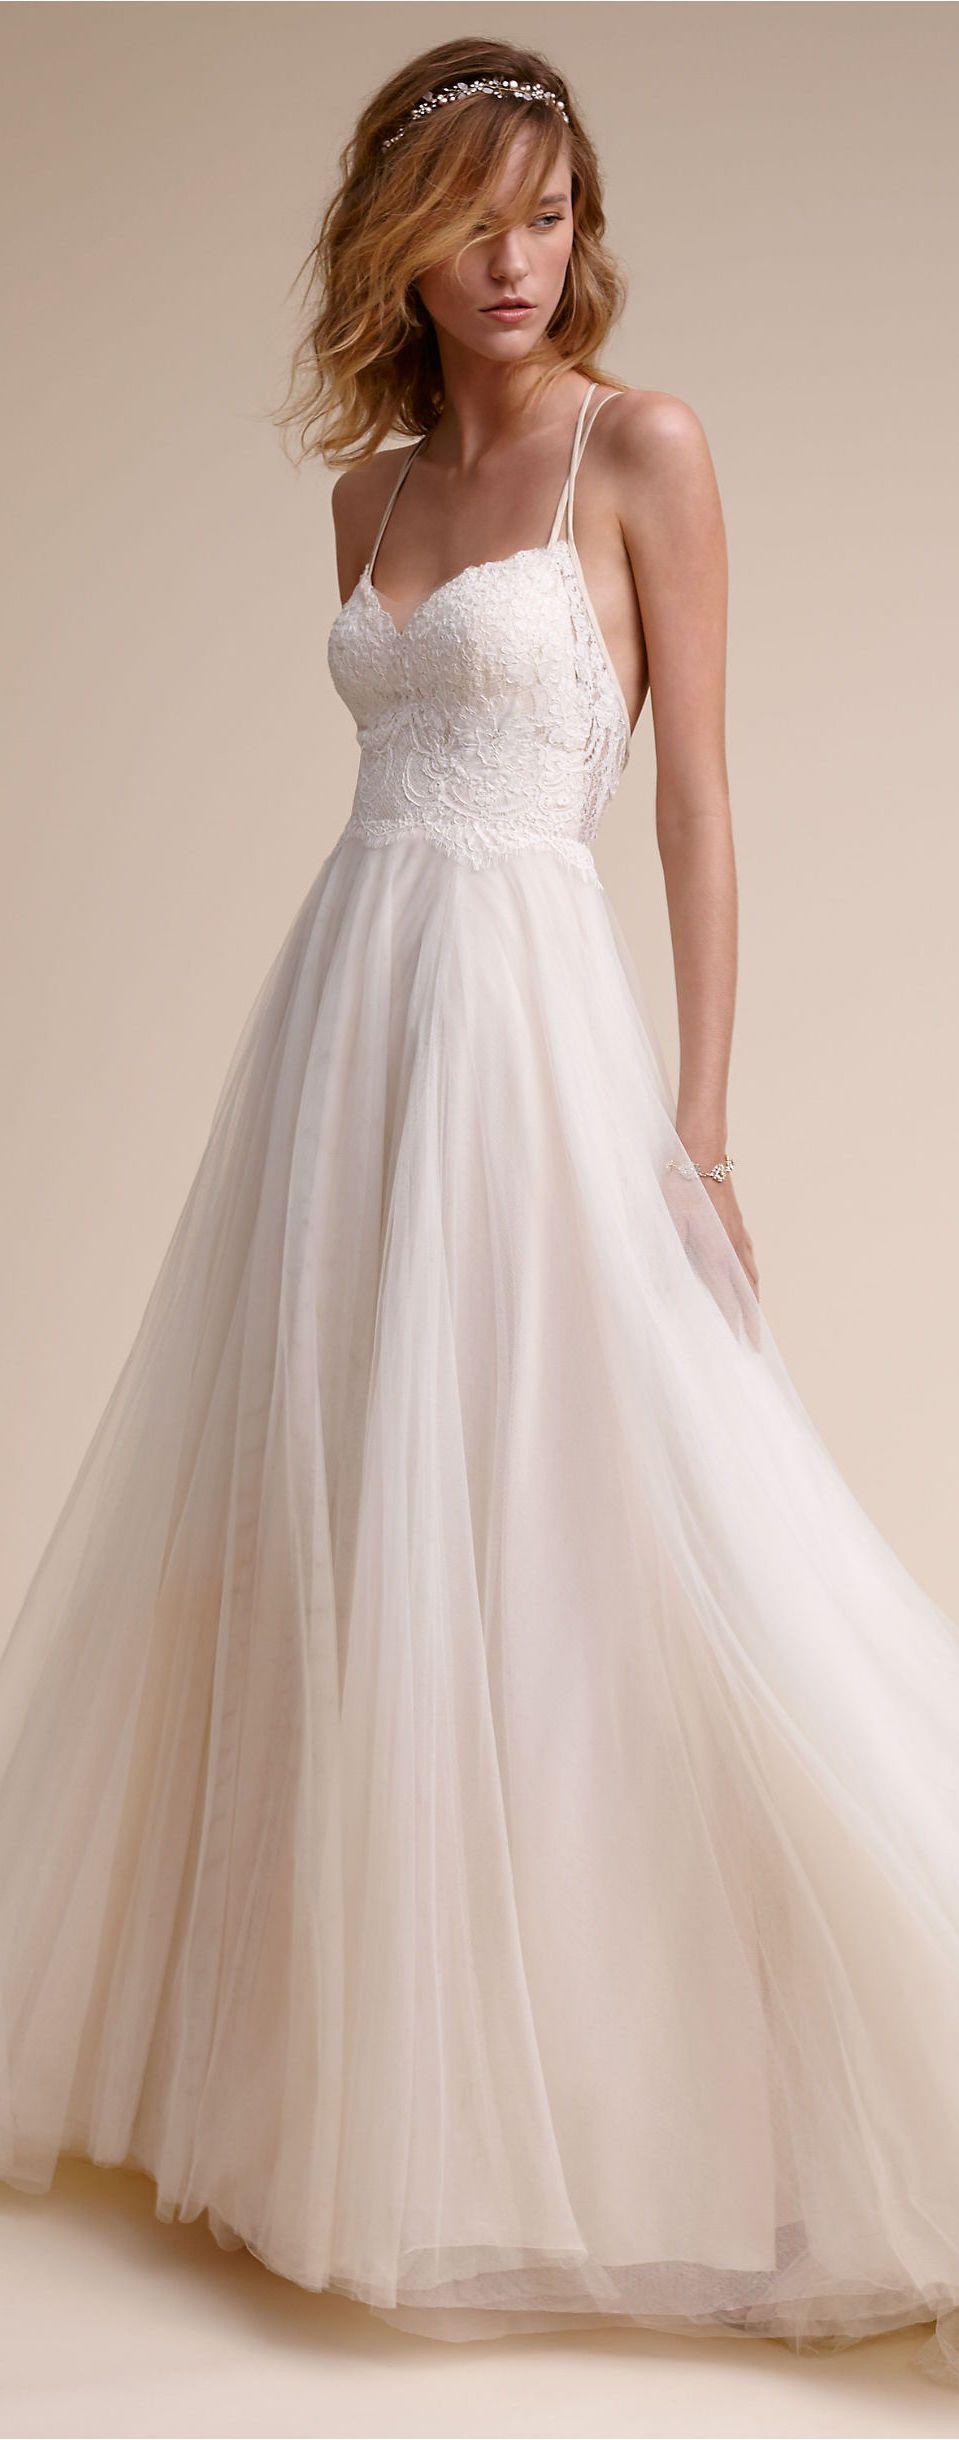 Hochzeitskleid aus Spitze und Tüll, dünne Träger | Hochzeit ...